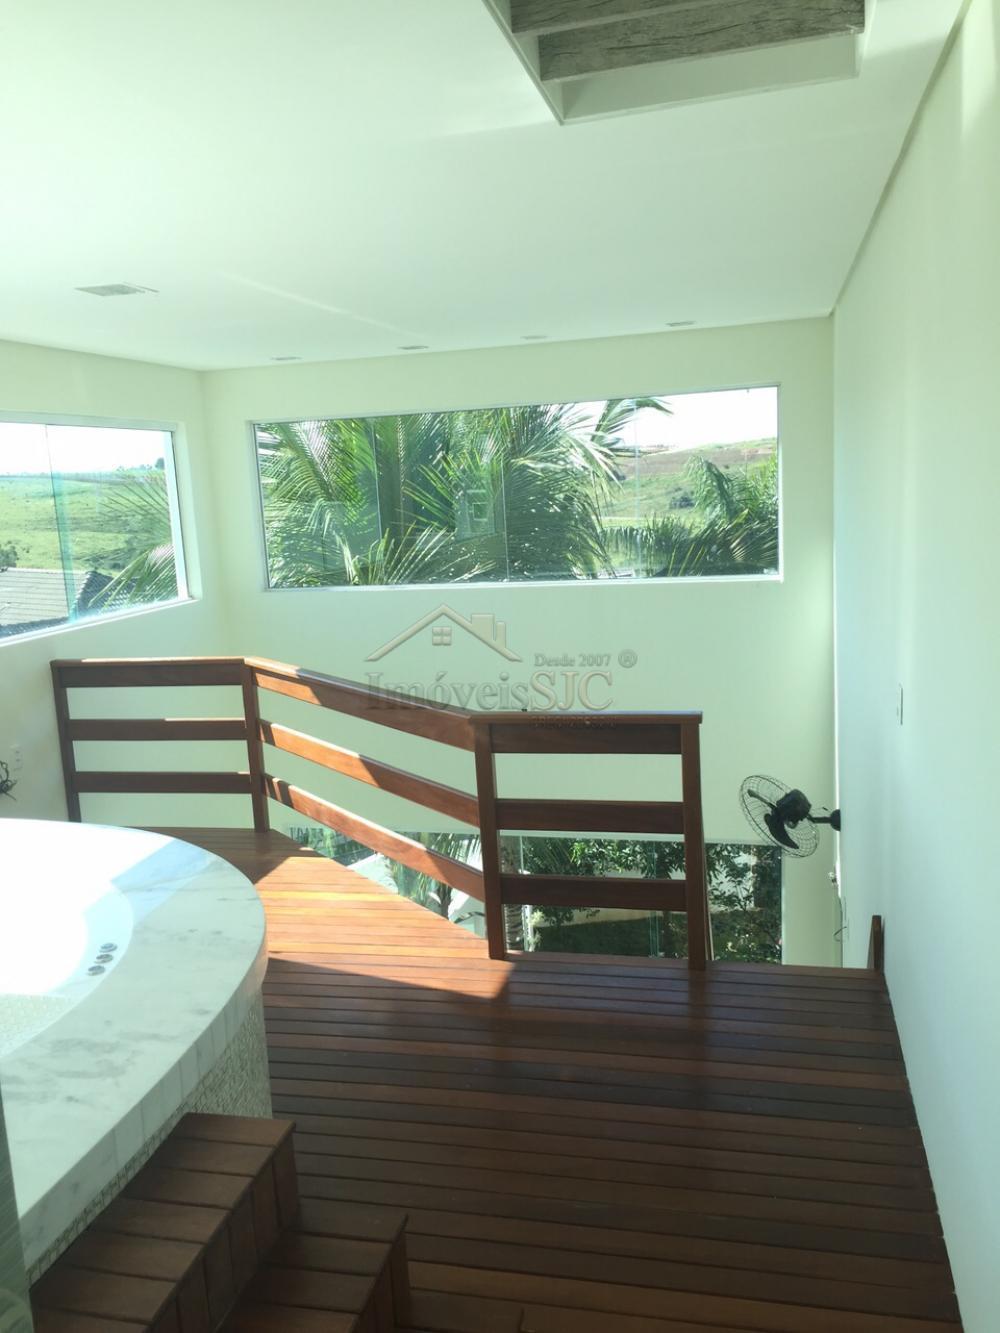 Alugar Casas / Condomínio em São José dos Campos apenas R$ 15.000,00 - Foto 20